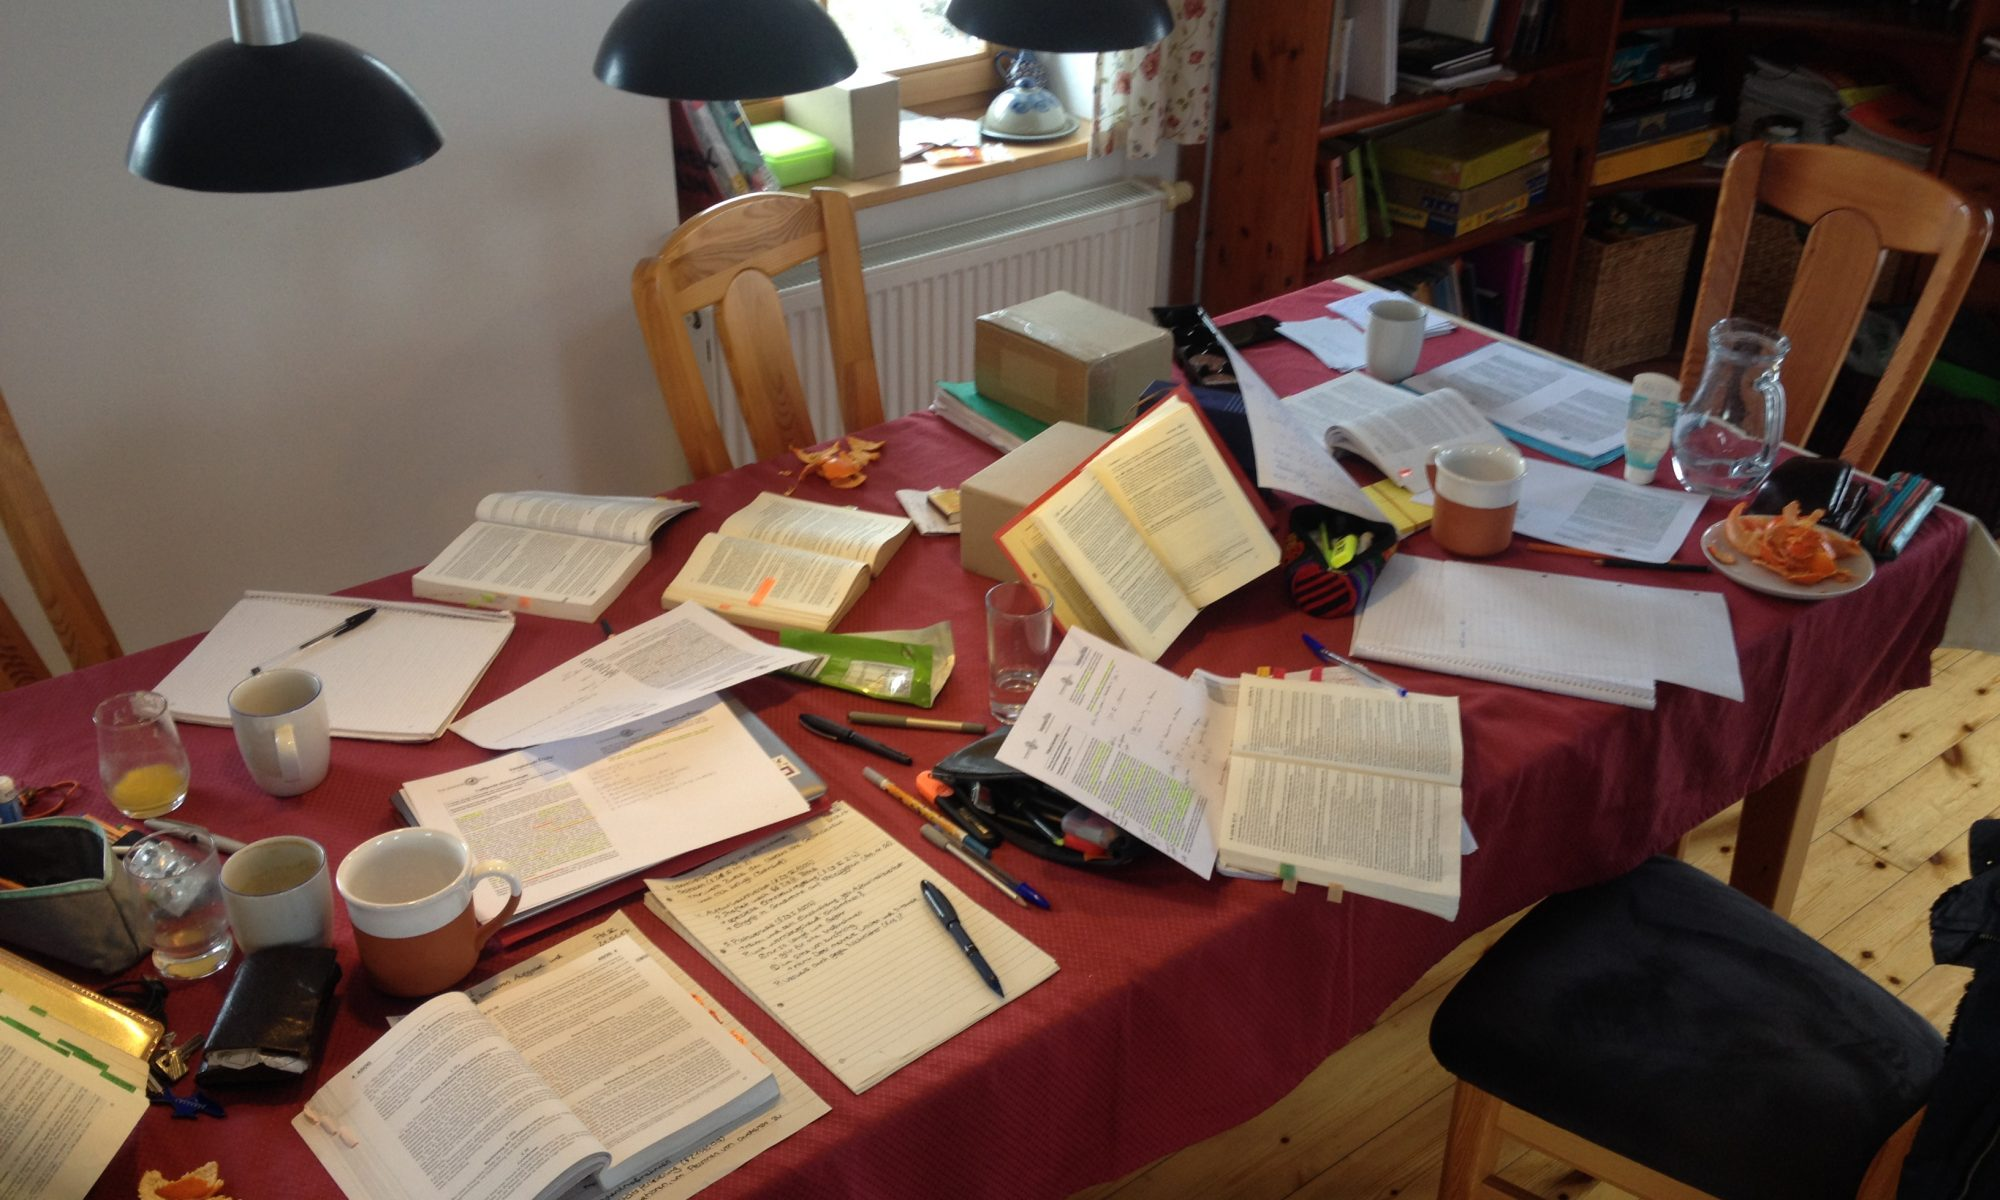 Juristisches Examen im Team